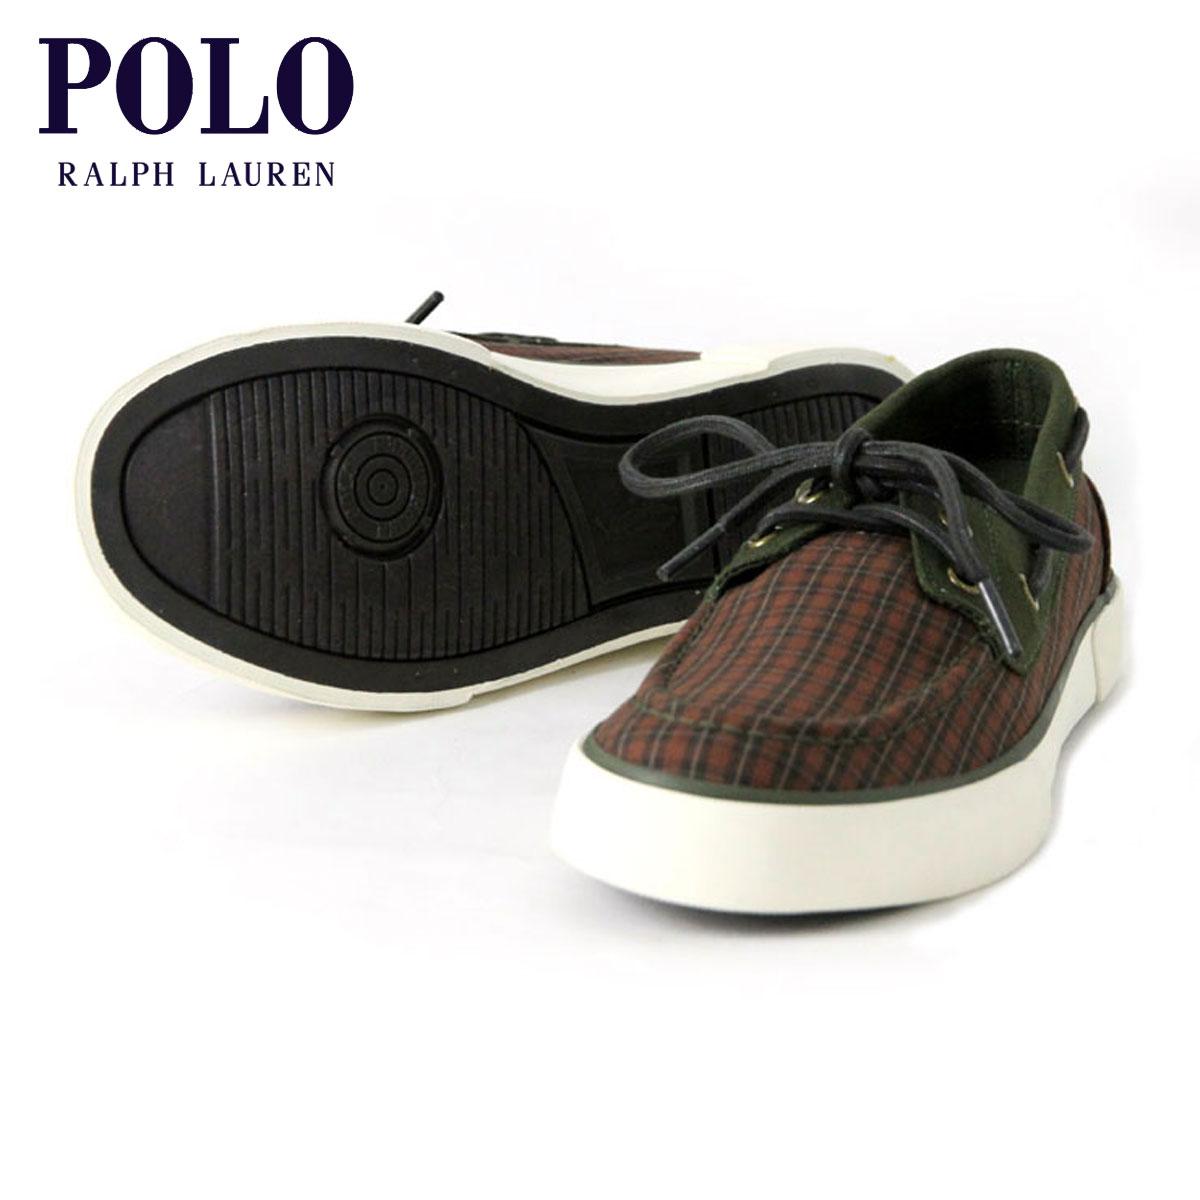 【販売期間 11/12 10:00〜11/21 09:59】 ポロ ラルフローレン POLO RALPH LAUREN 正規品 メンズ 靴 シューズ LANDER PLAID SNEAKER D15S25